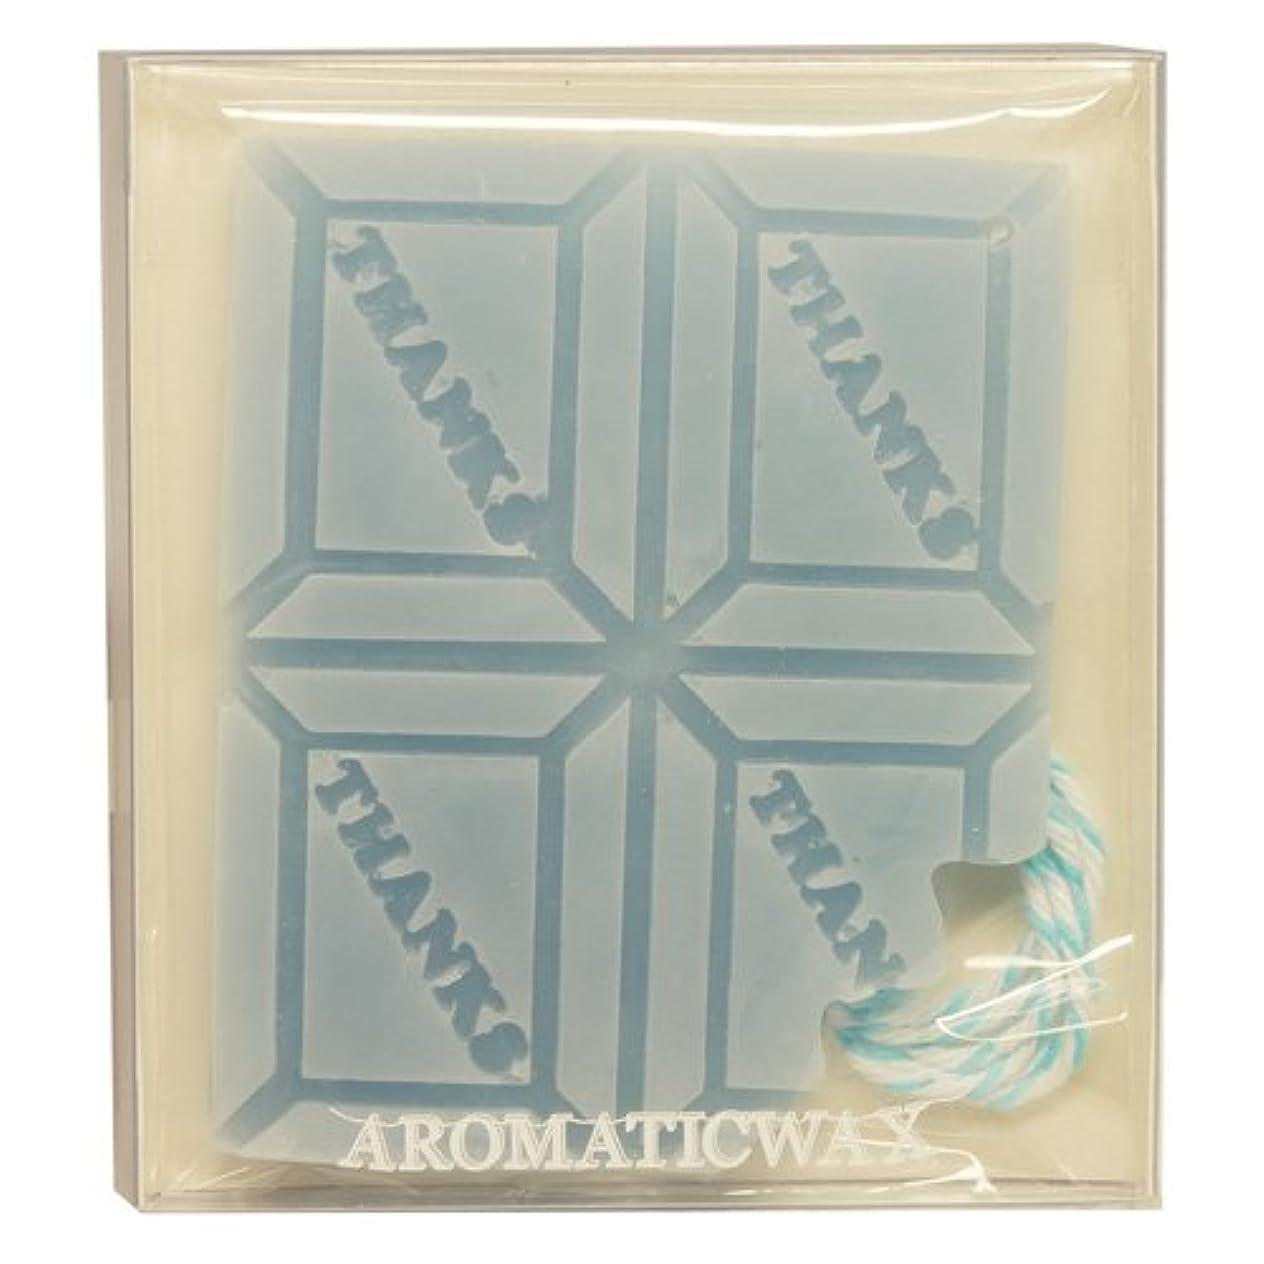 インタフェースシロクマ組み合わせるGRASSE TOKYO AROMATICWAXチャーム「板チョコ(THANKS)」(BL) ローズマリー アロマティックワックス グラーストウキョウ